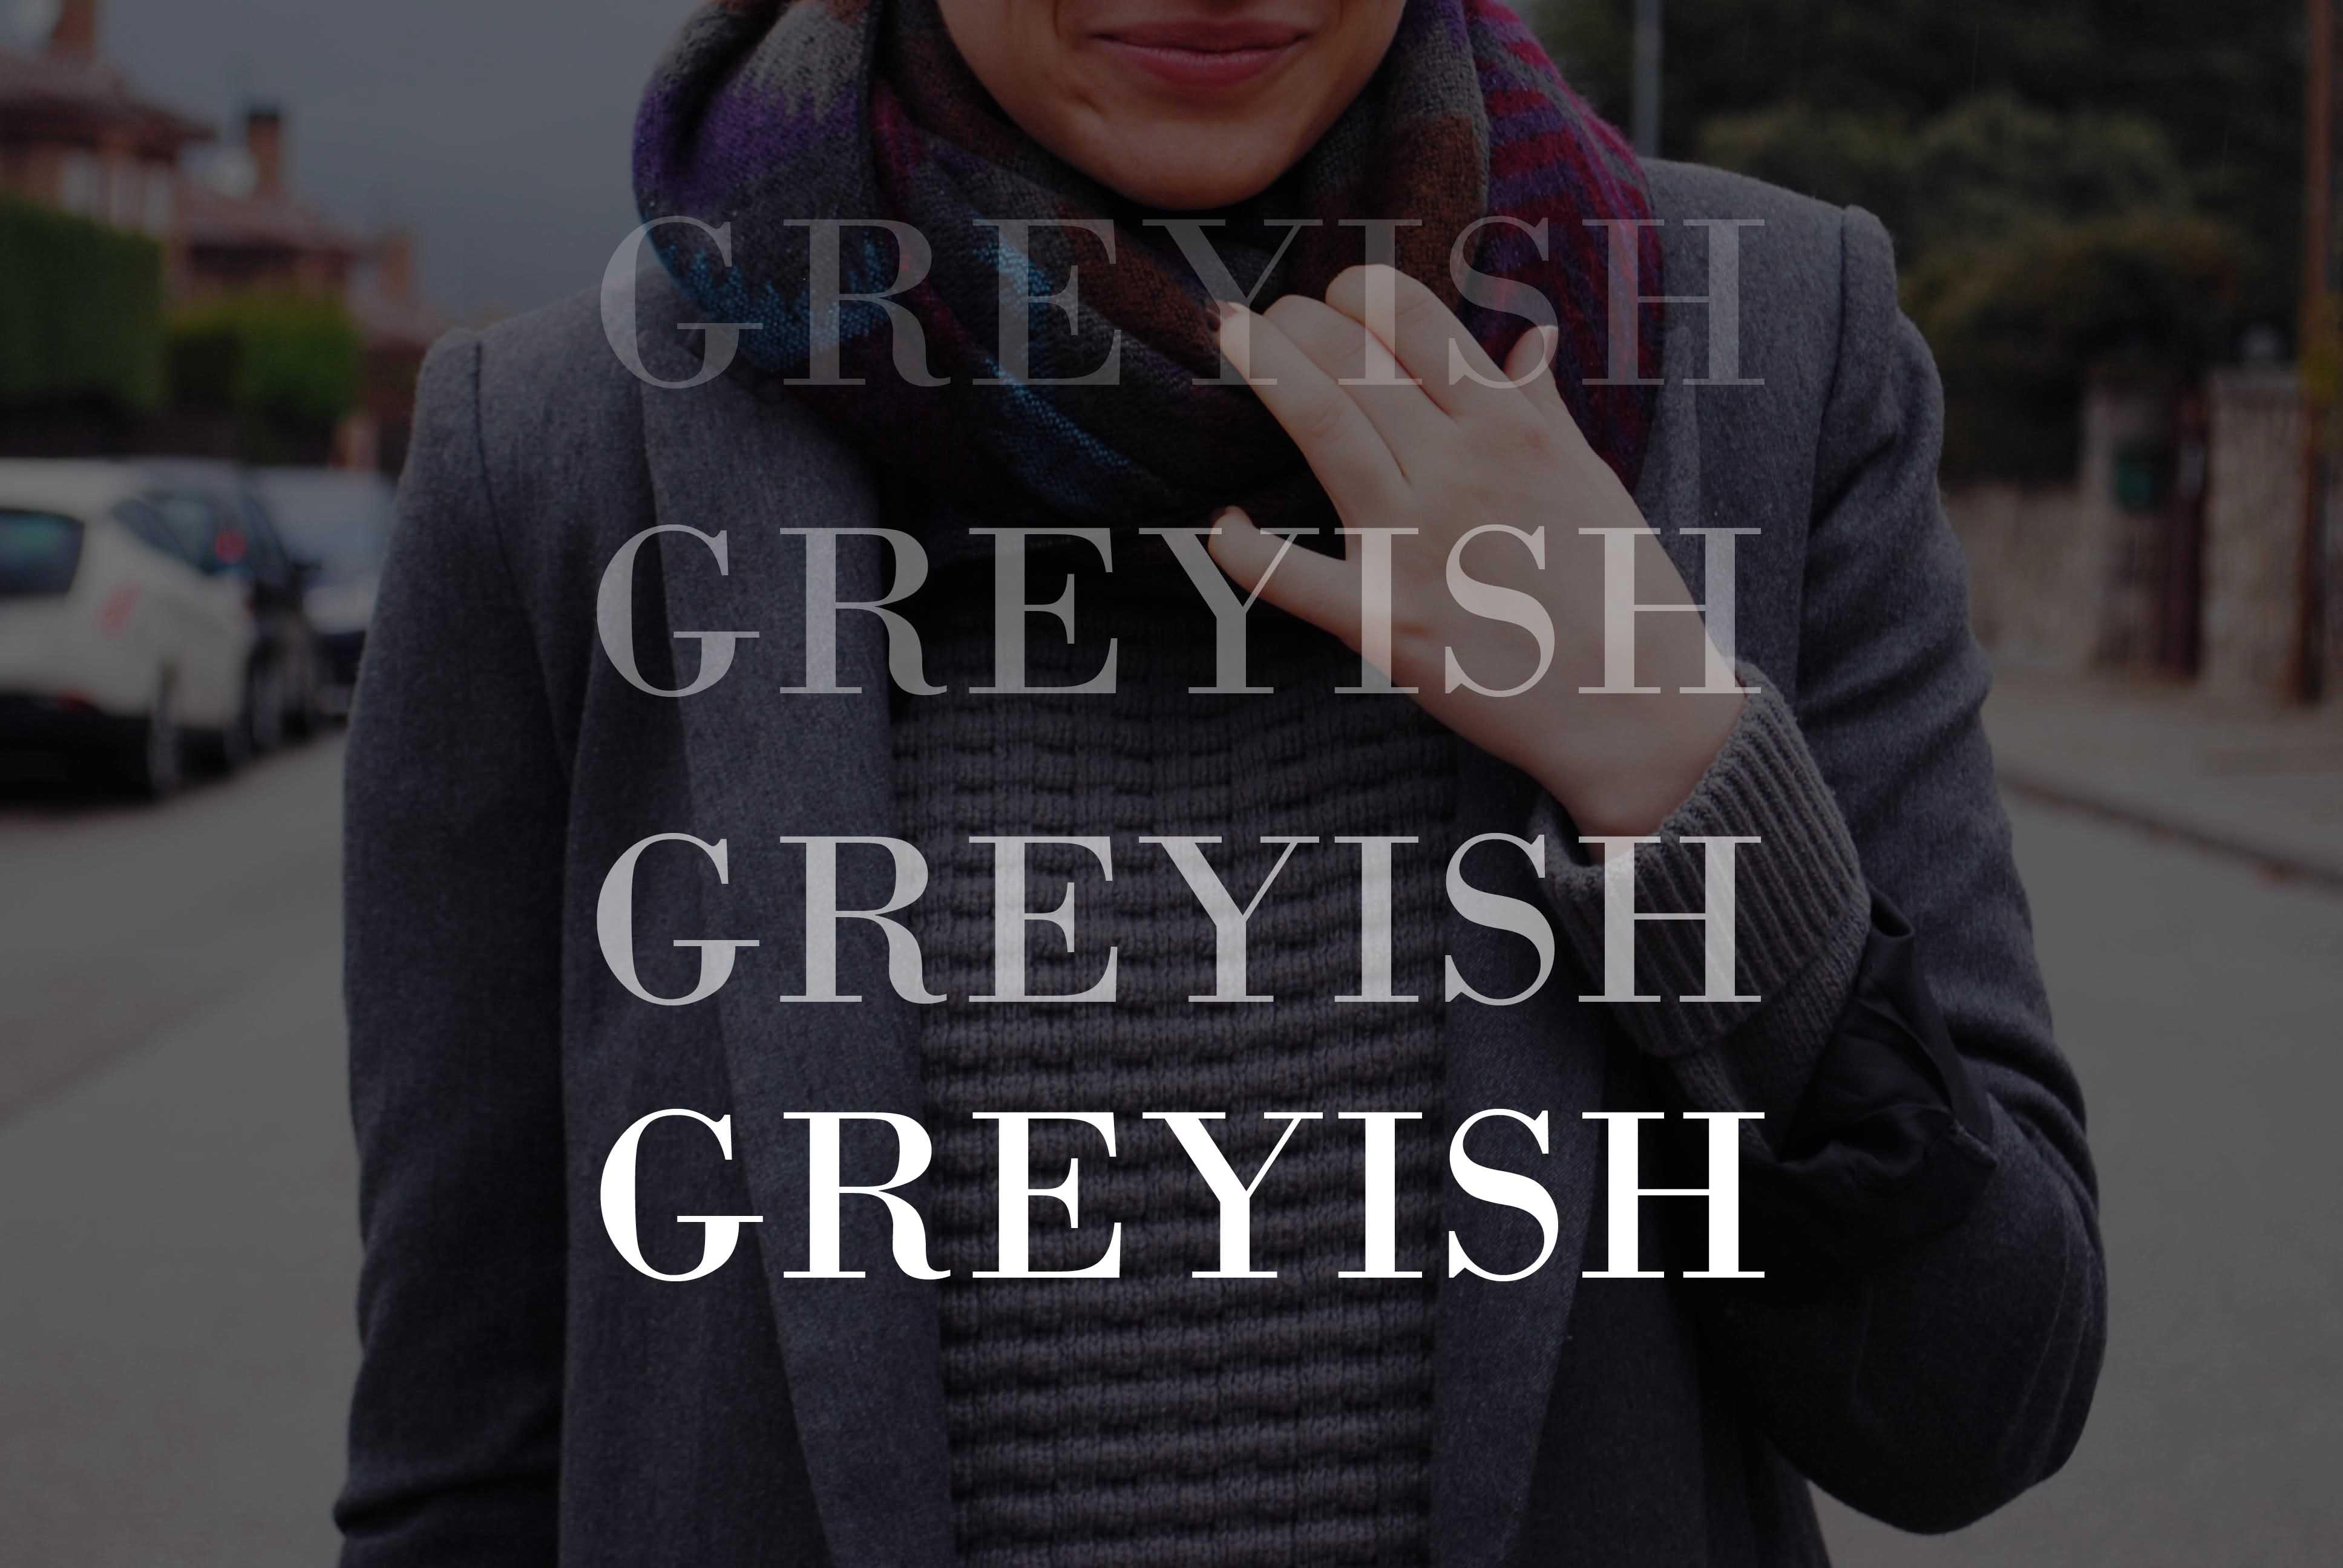 GREYISH-49863-olindastyle